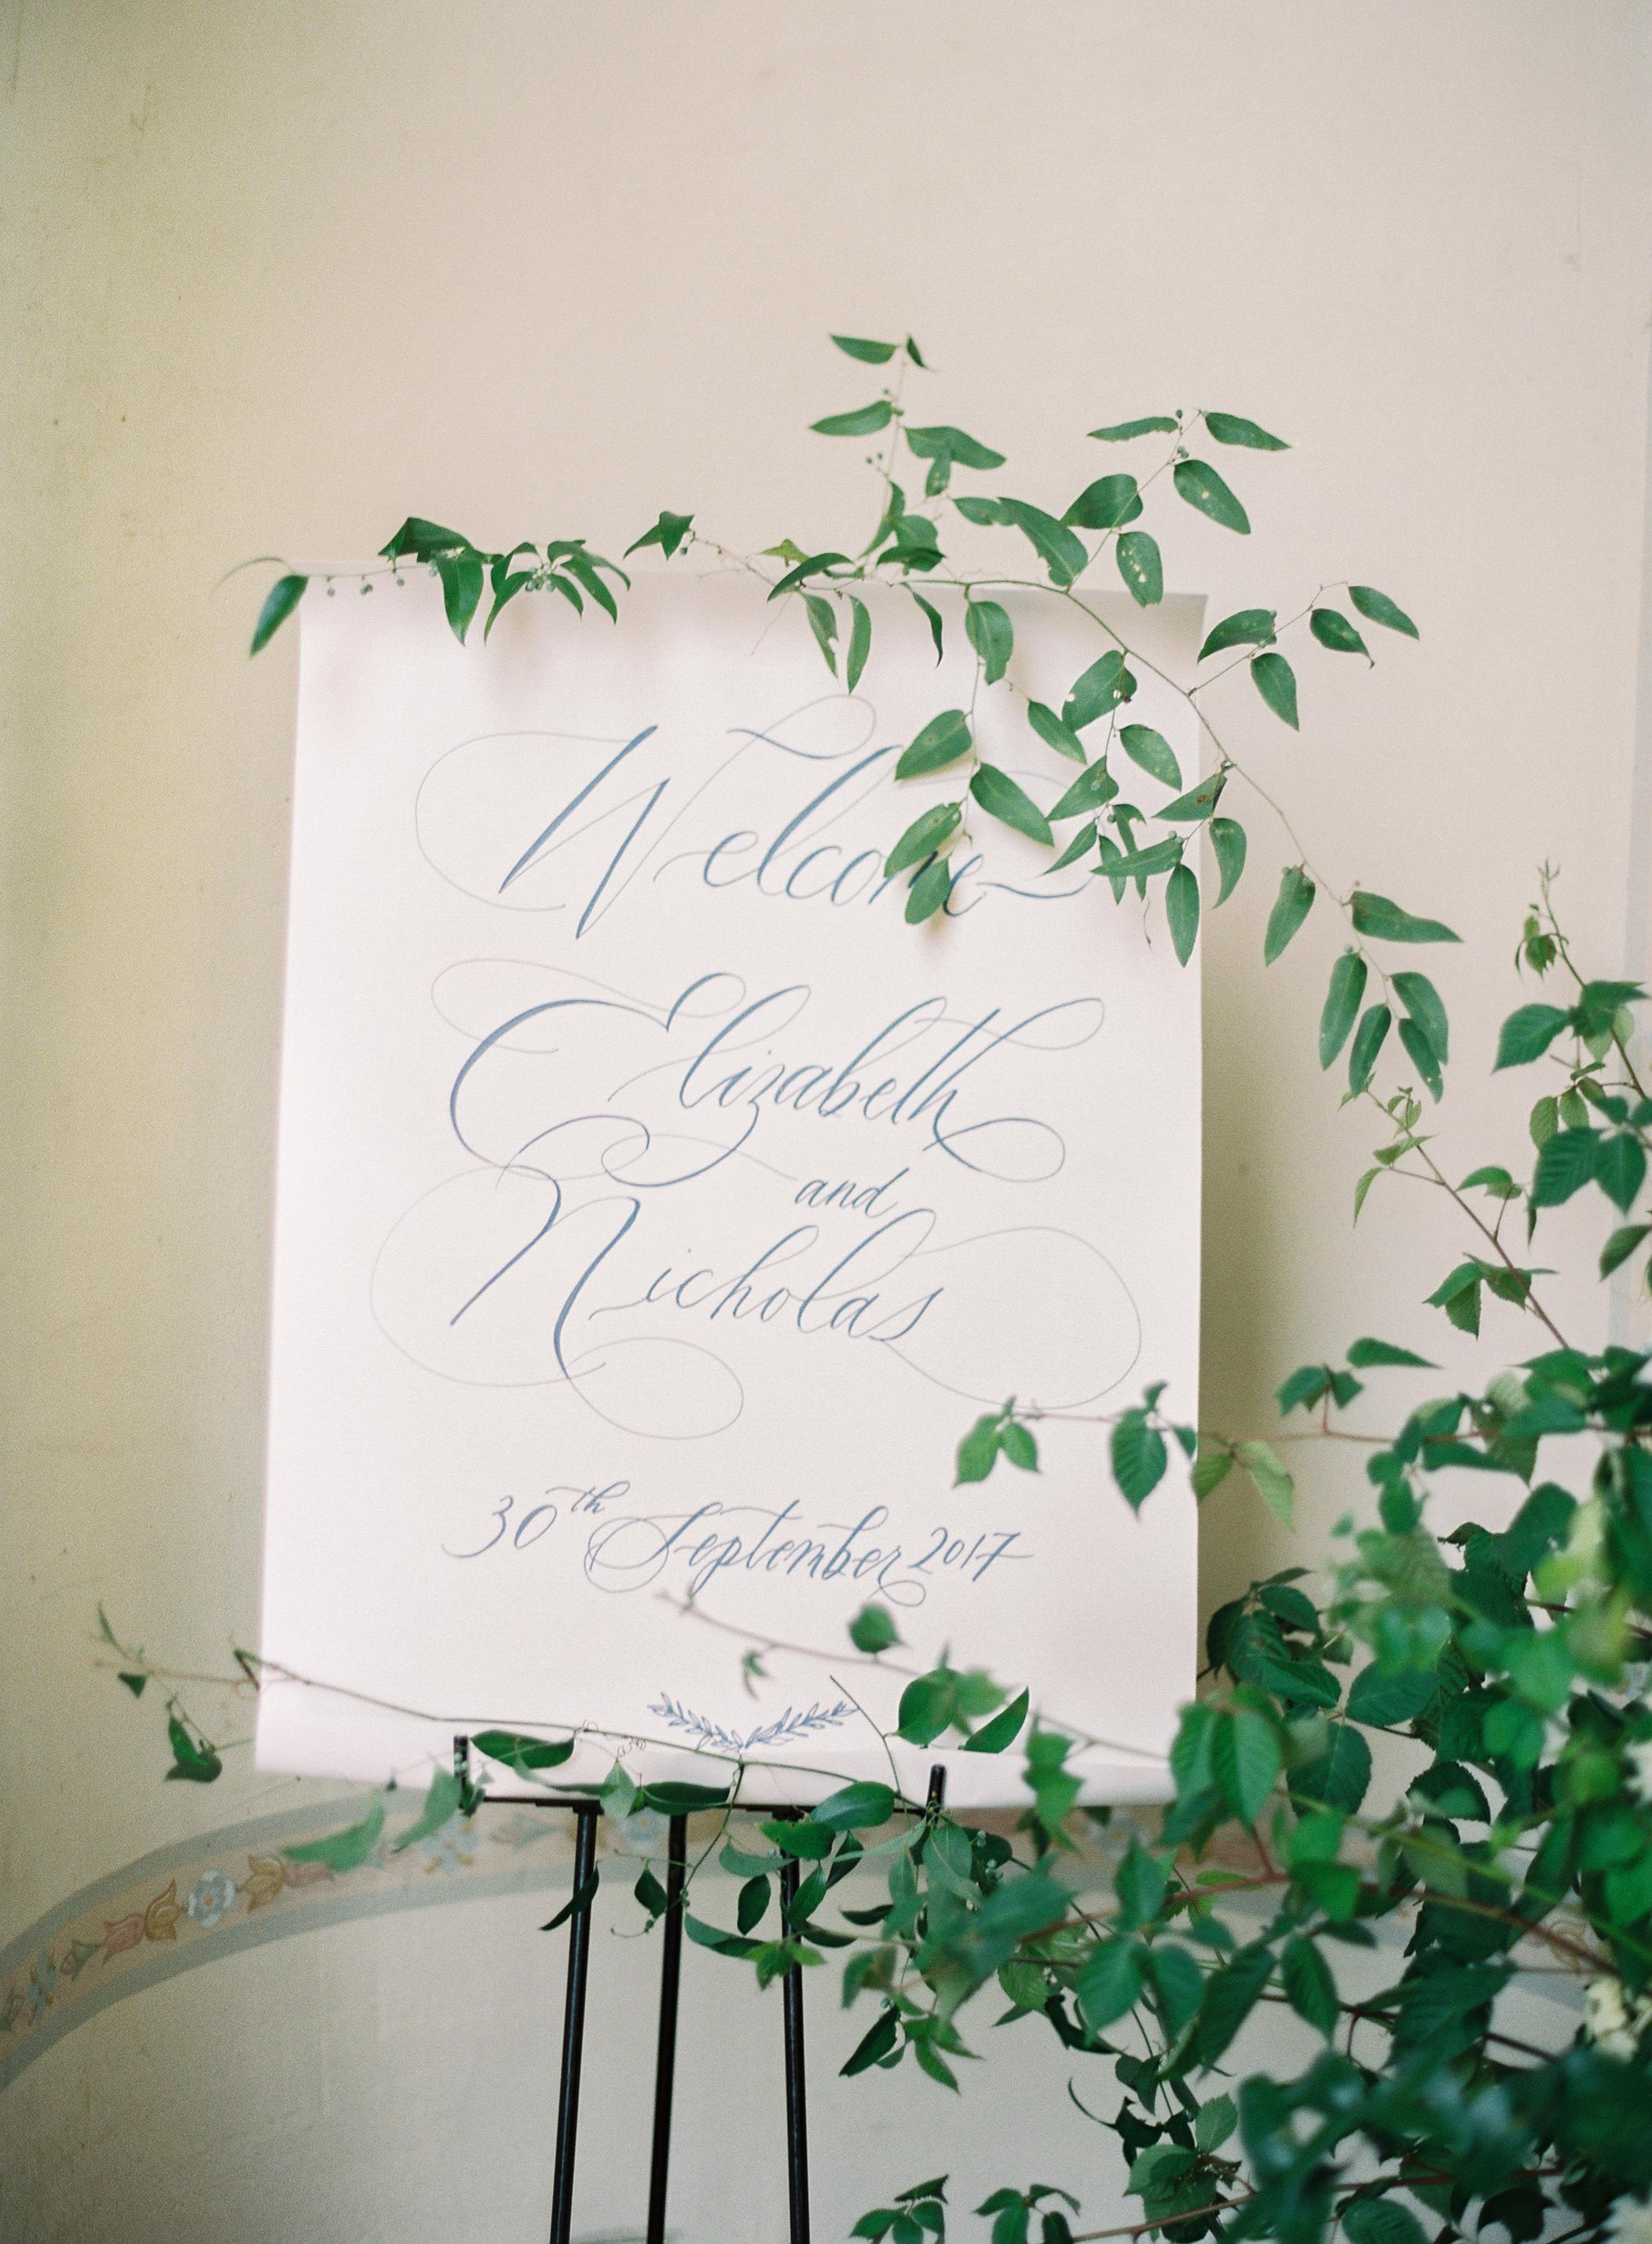 burdiak-wedding-397.jpg